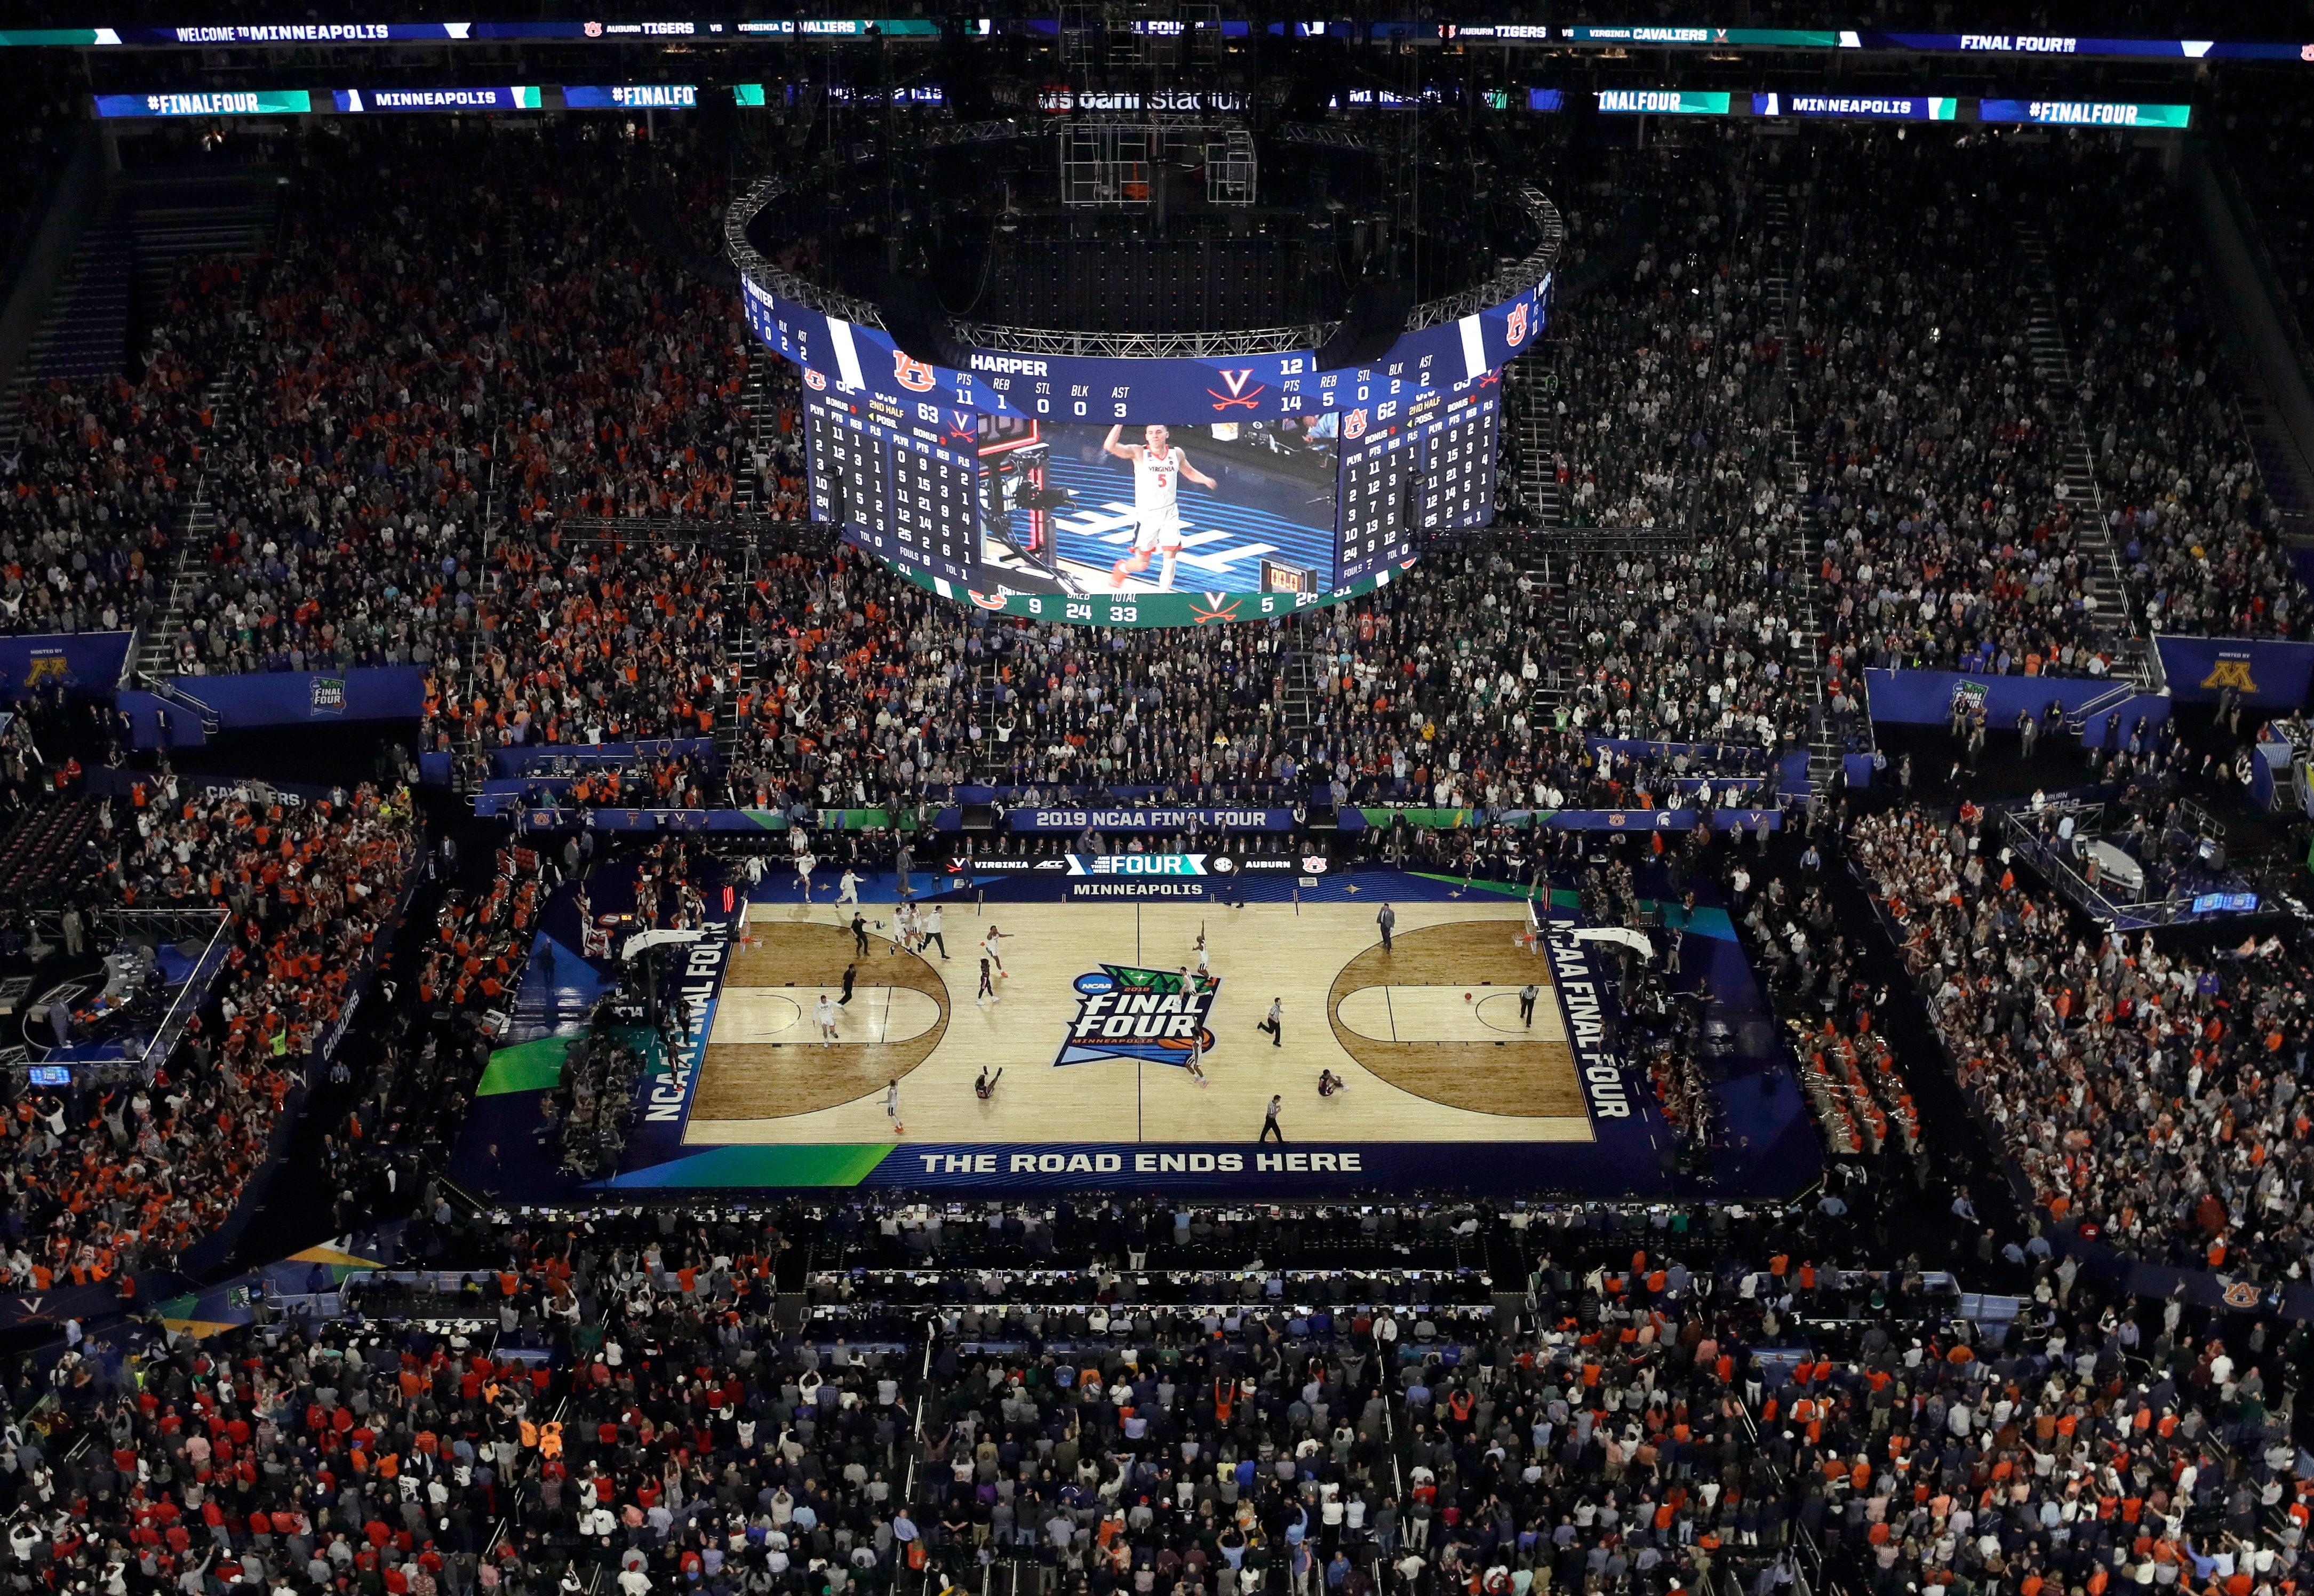 NCAA Latest: Stats show tiny edges for Virginia, Texas Tech